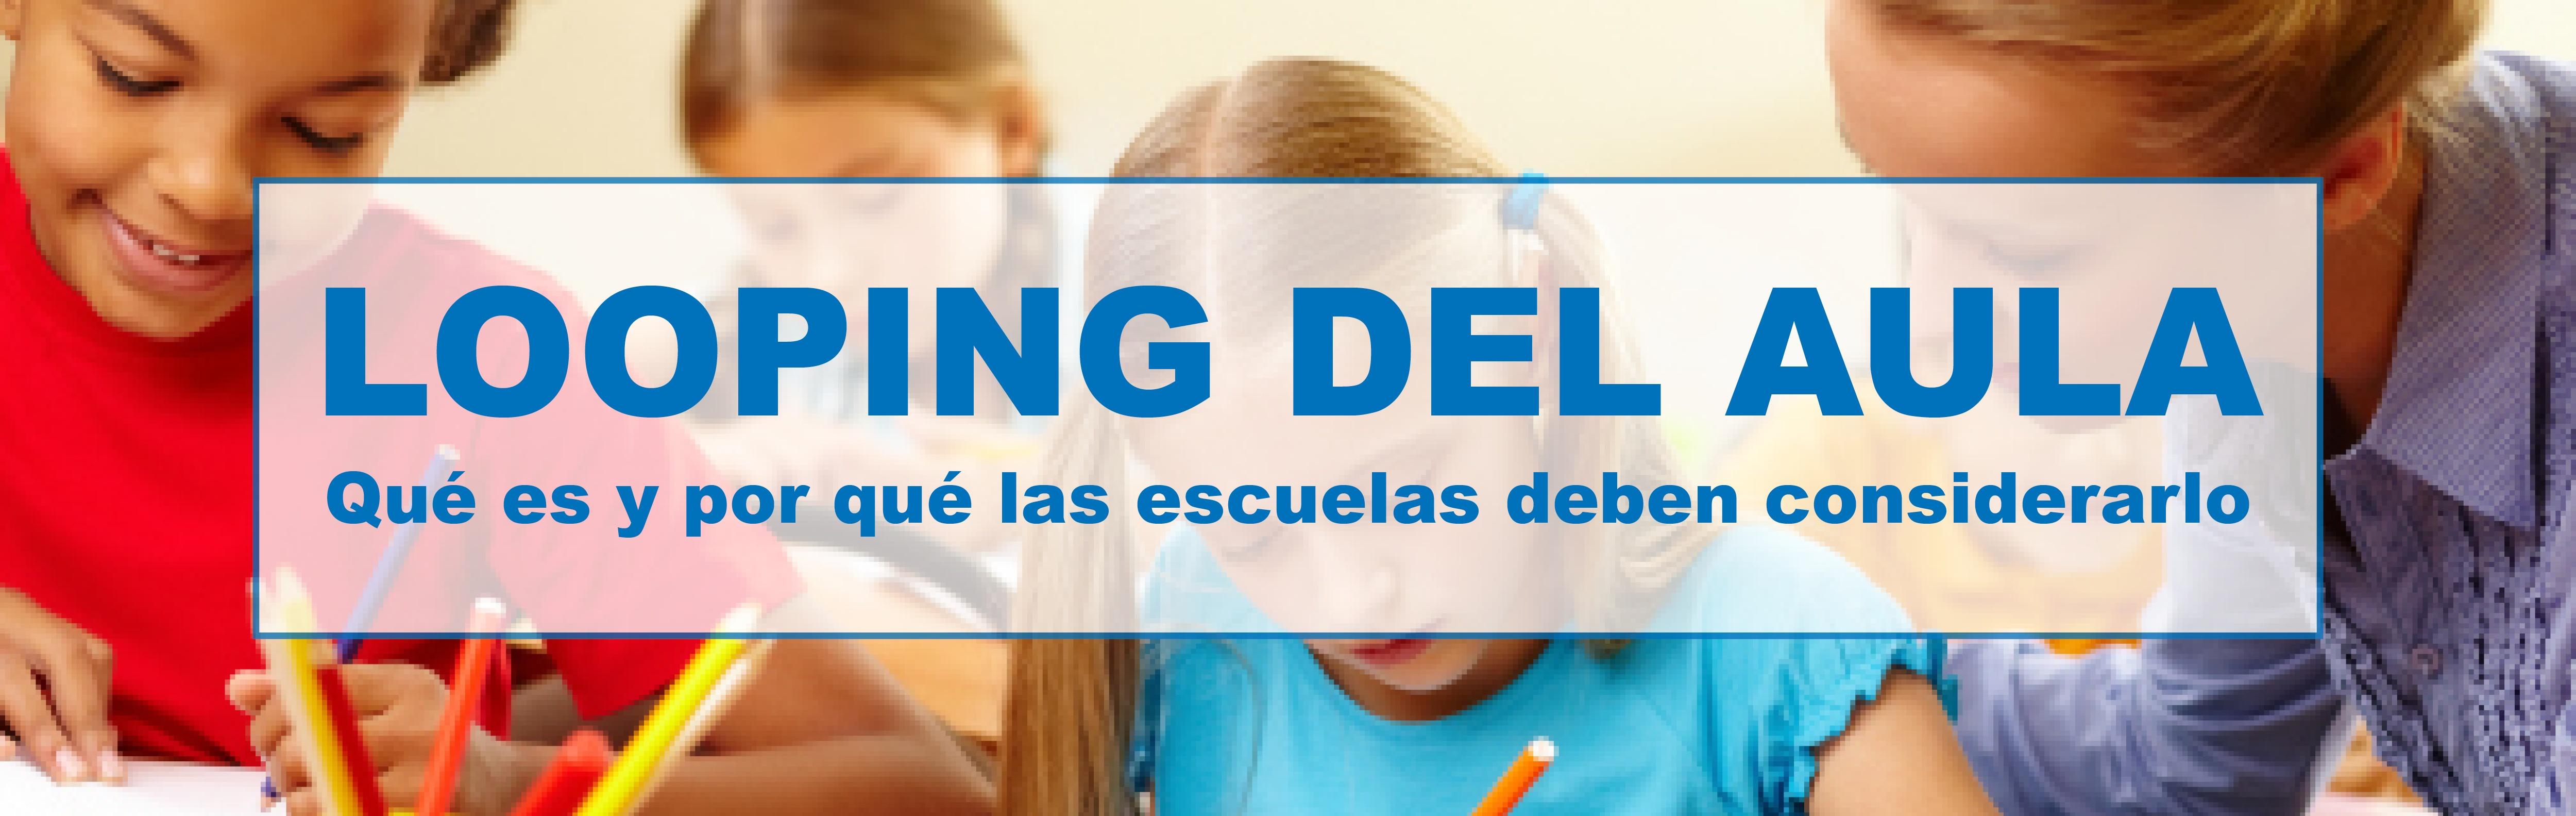 Looping del Aula: Qué Es y Por Qué las Escuelas Deben Considerarlo